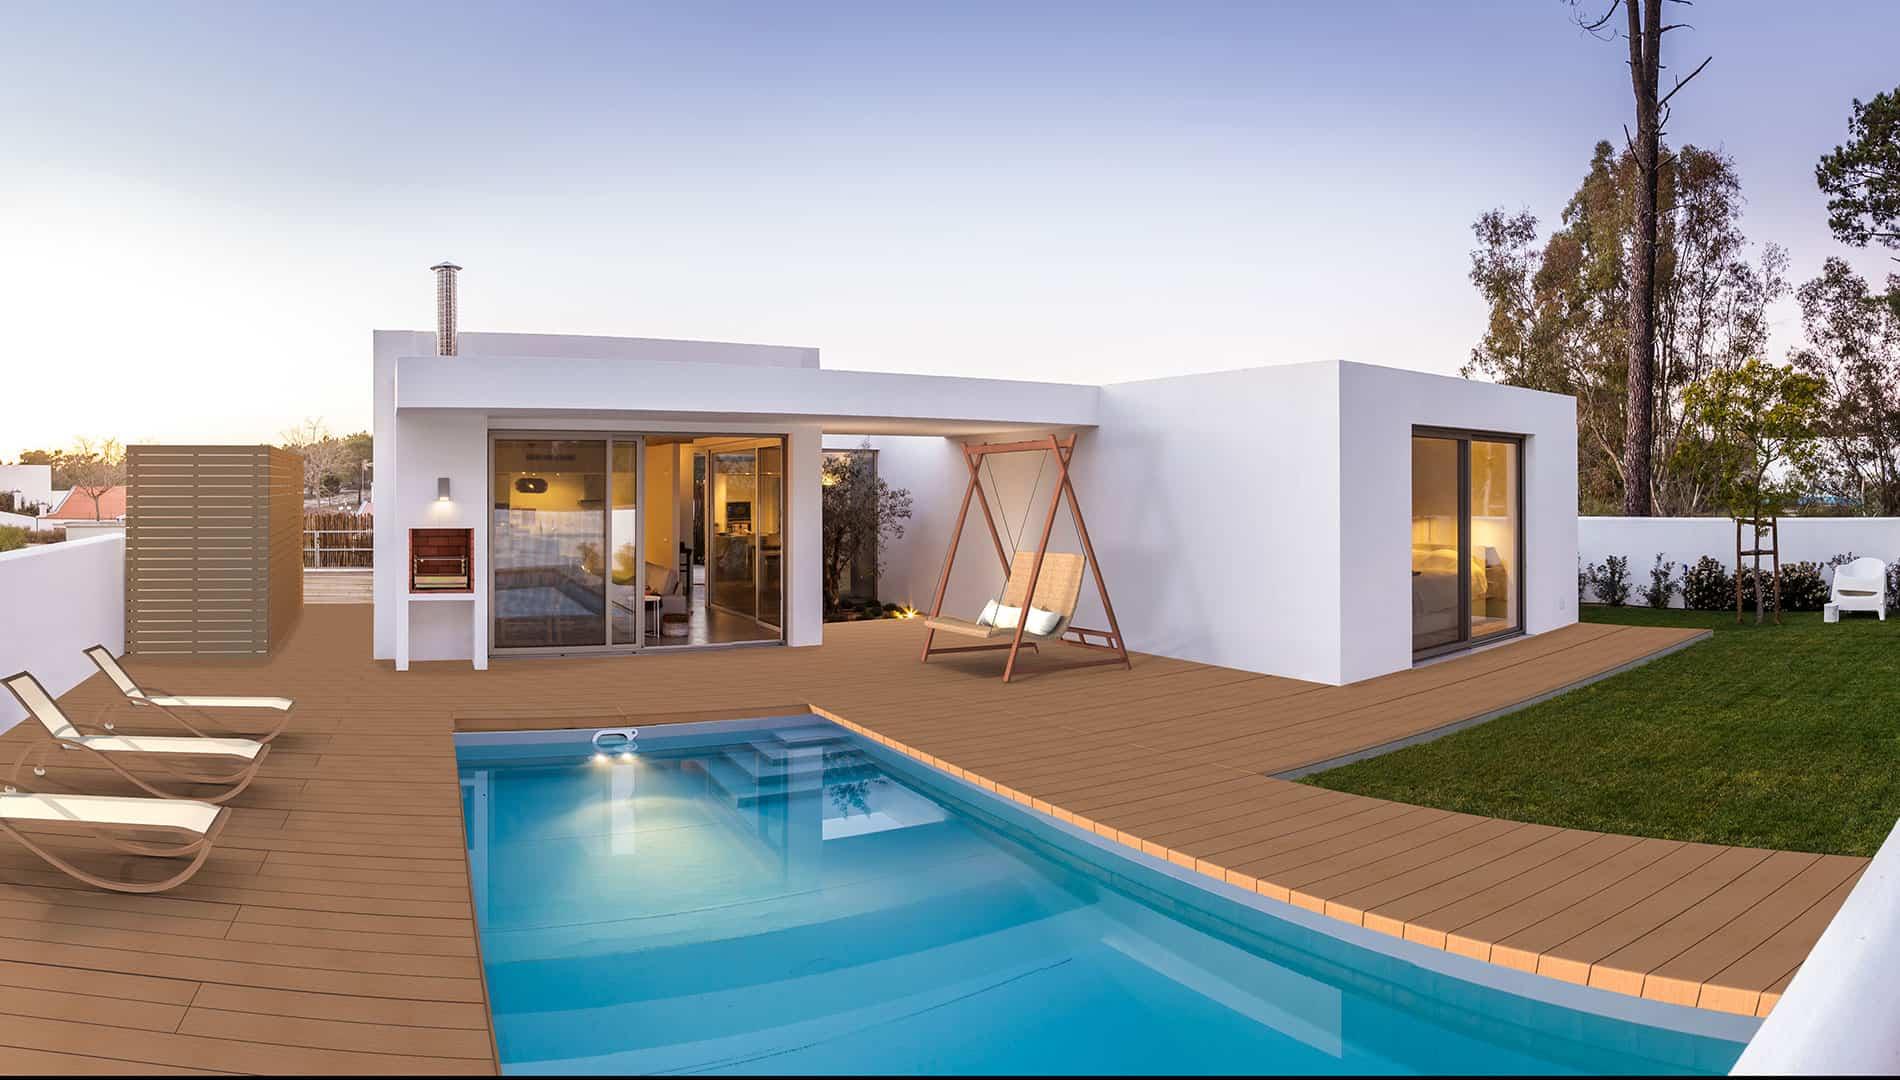 Einstein mc2 240 x 32 im Verbund mit mc2 120 x 32 und a2 80 x 80, cottage Design, Teak, klassisches Terrassendeck.